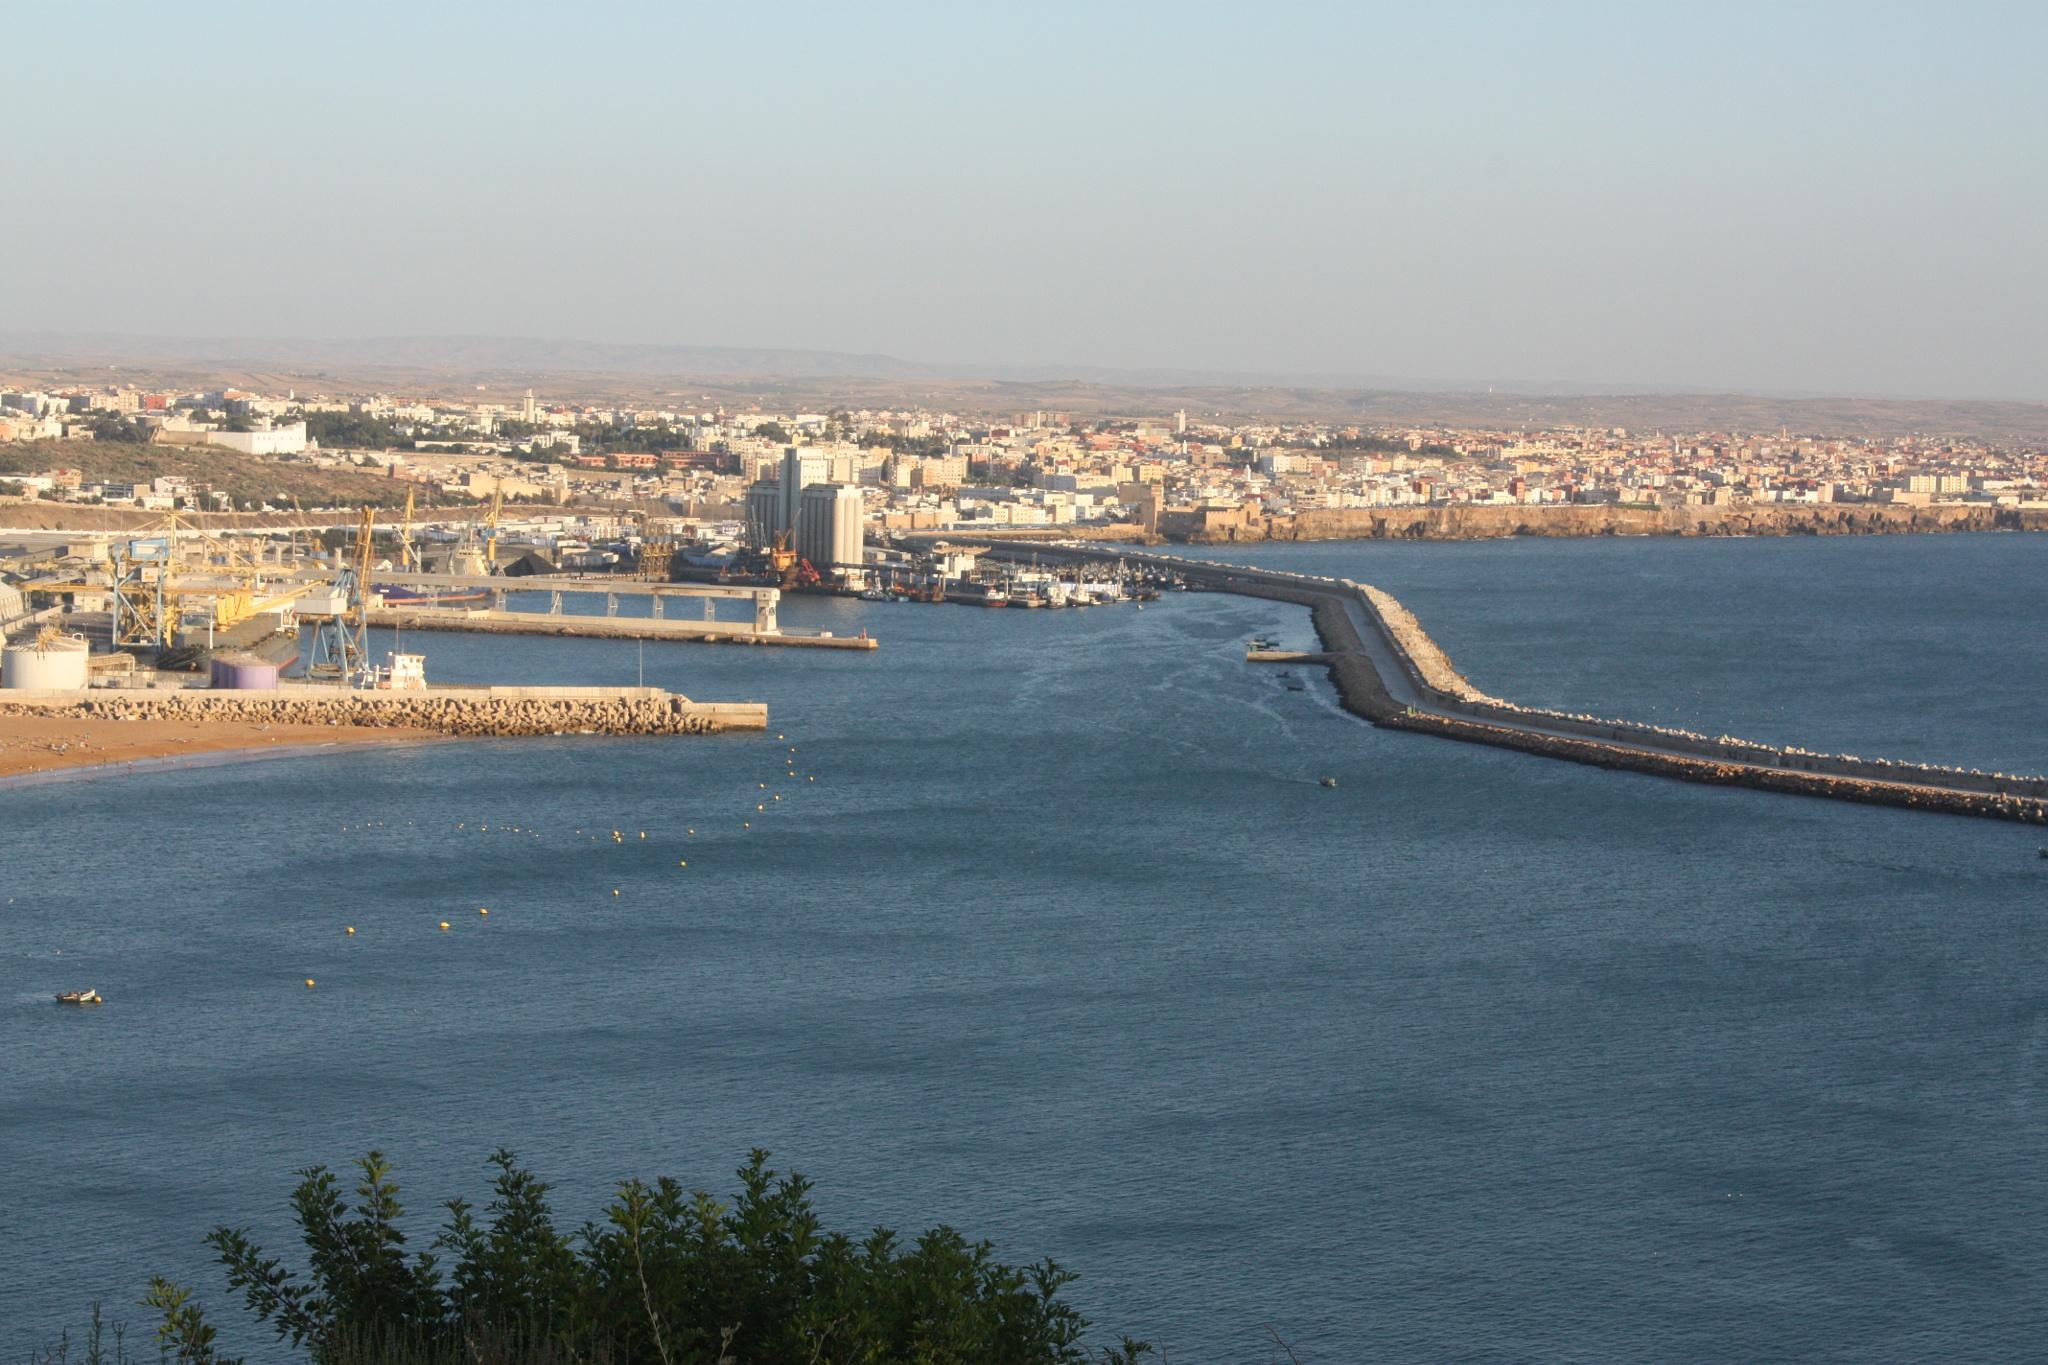 le port de SAFI by lkhal Said